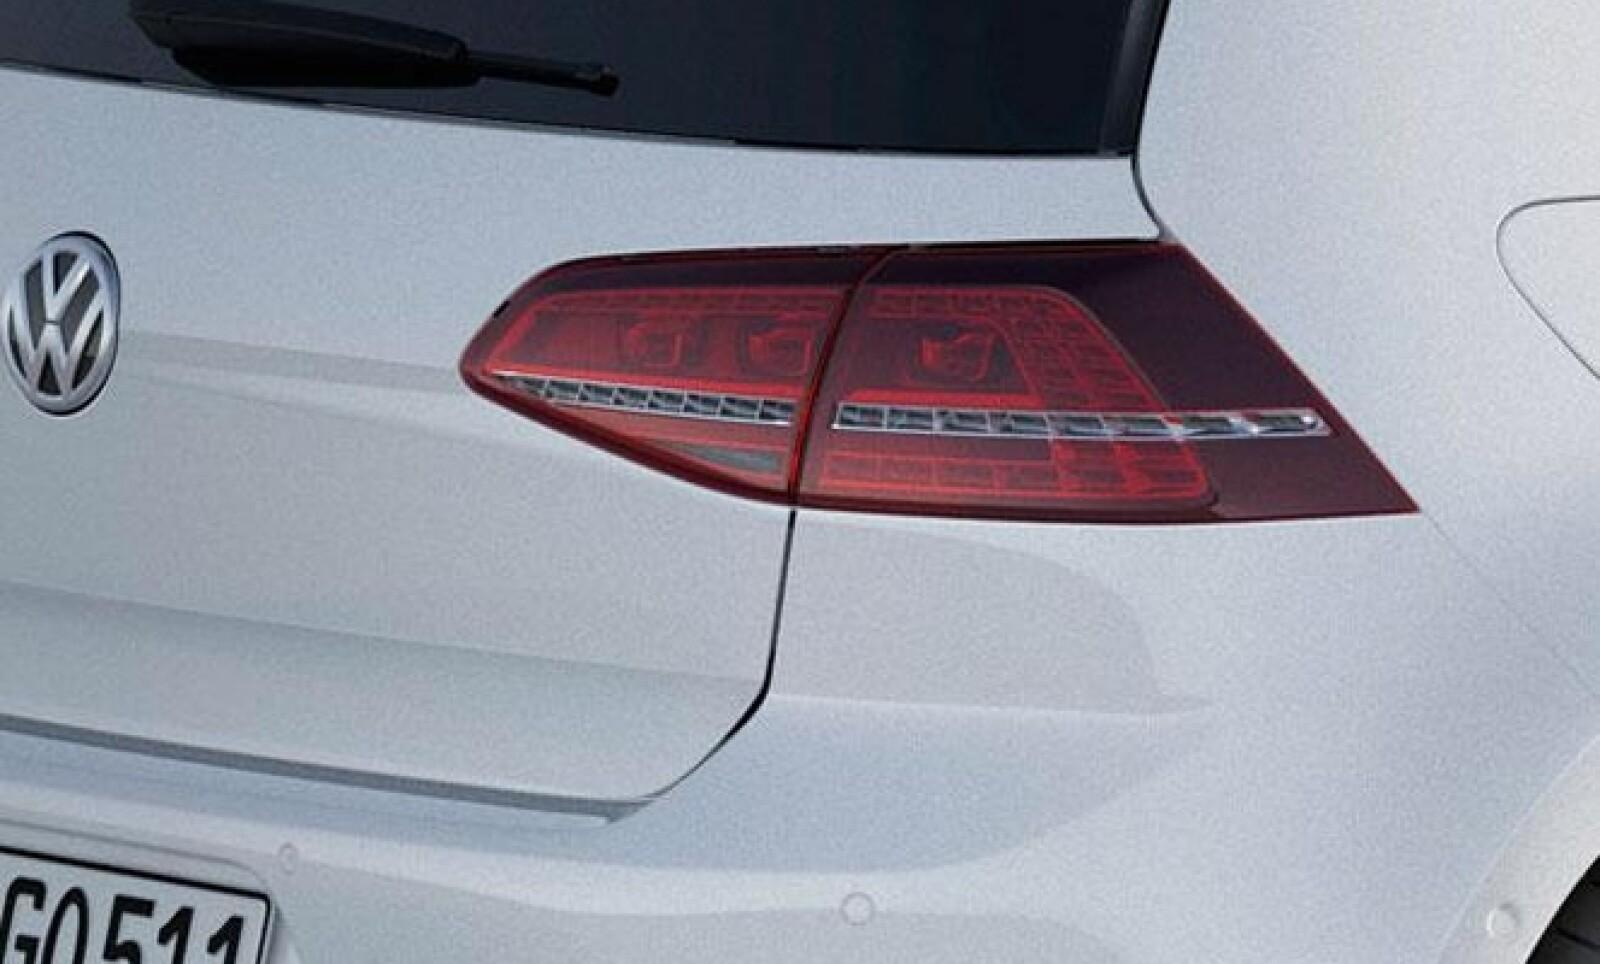 VW dijo que este modelo llegará a diferentes mercados mundiales en el transcurso del 2013.